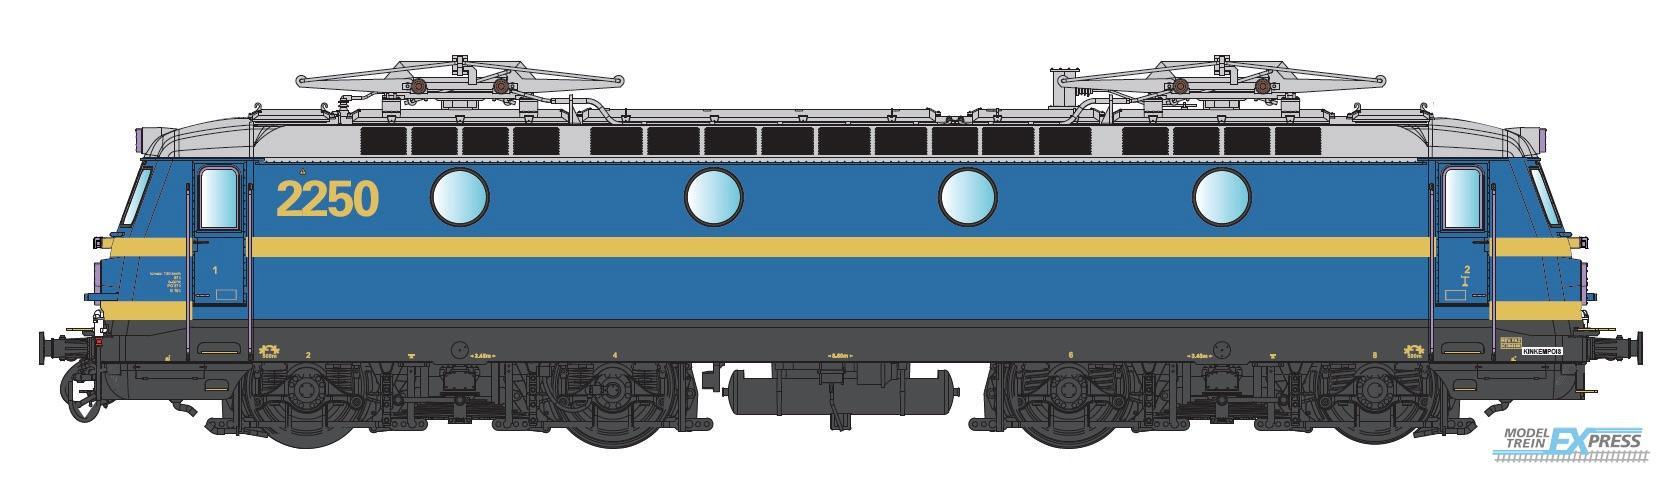 B-Models 3307.05